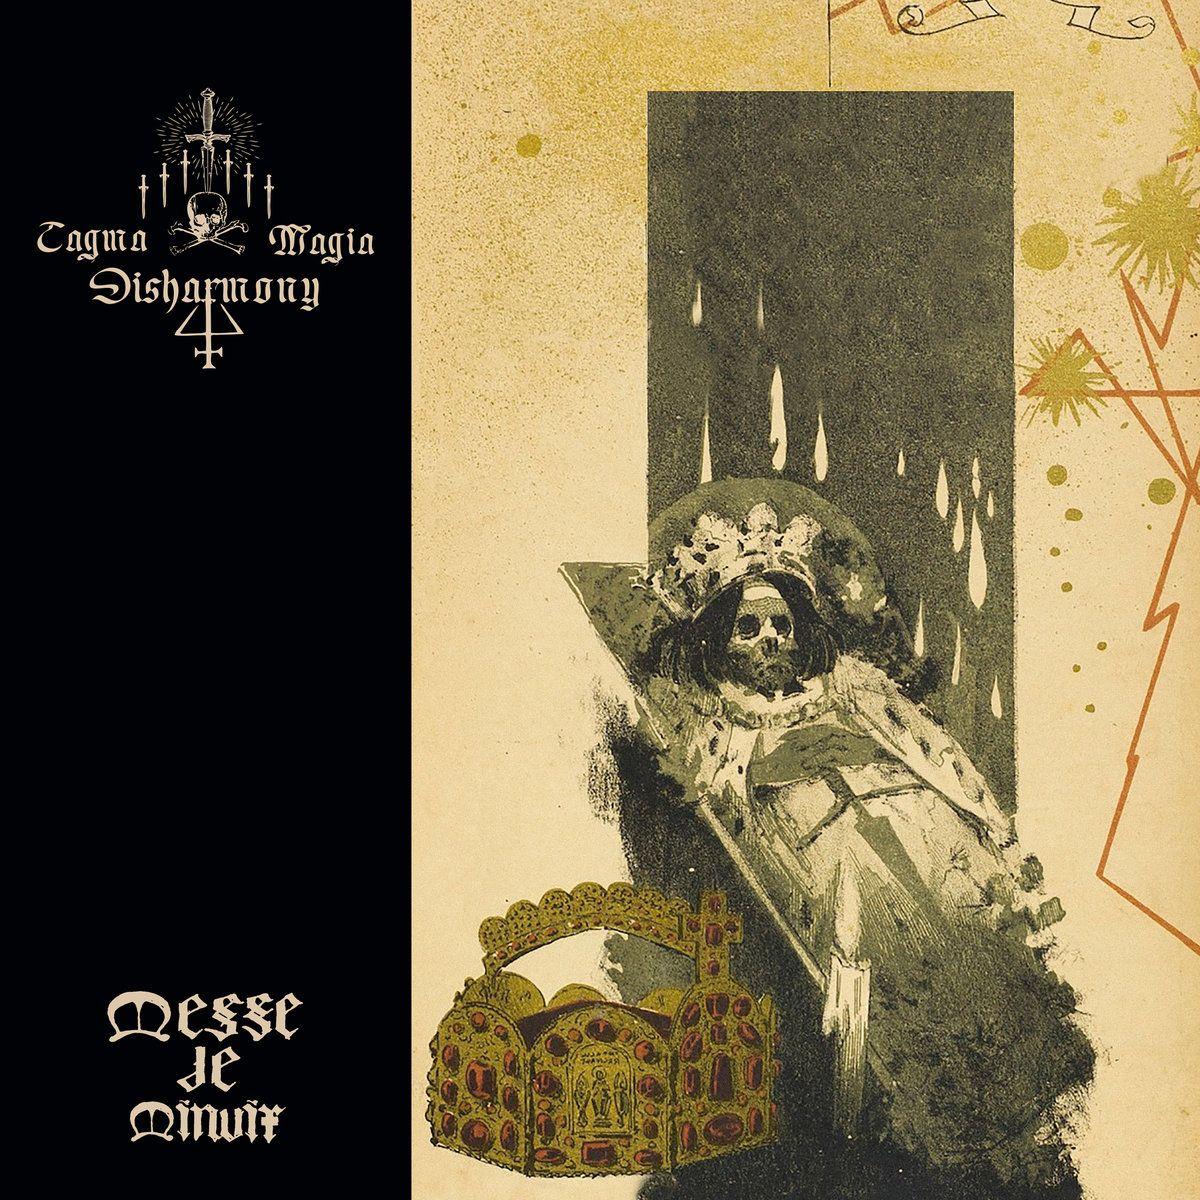 Disharmony (GRC) - Messe de Minuit